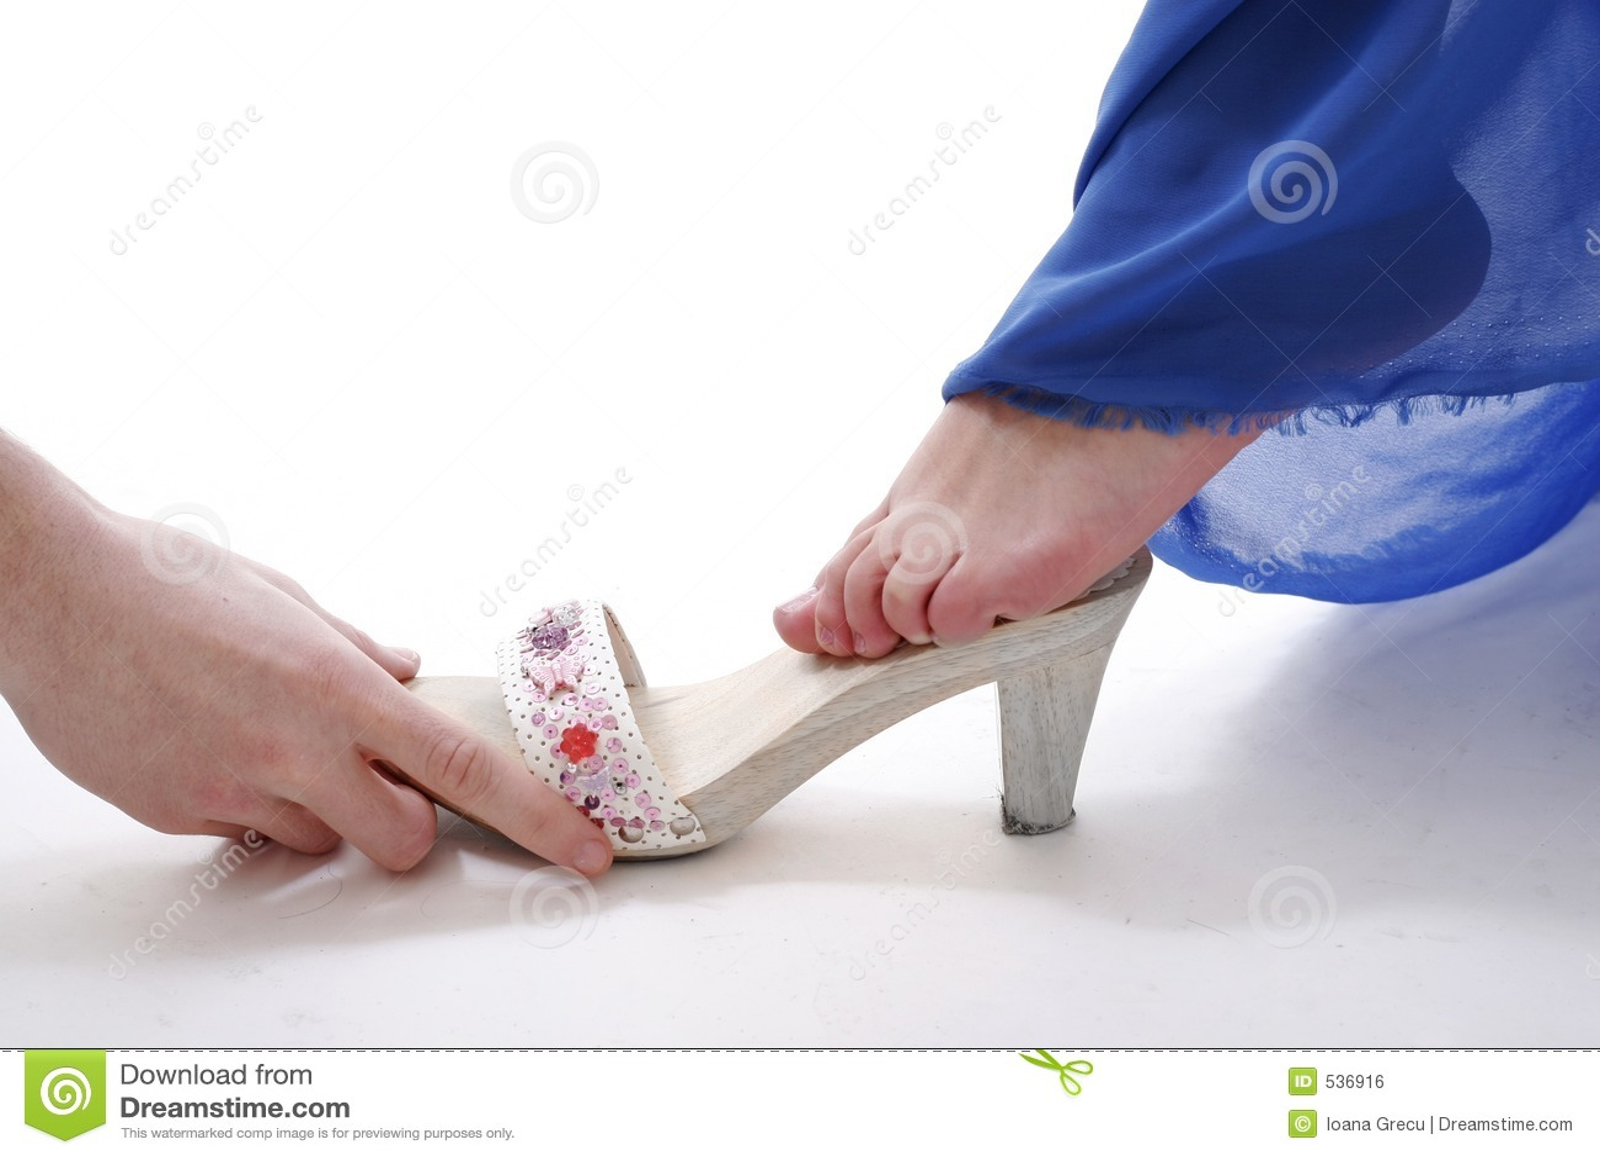 灰姑娘鞋子